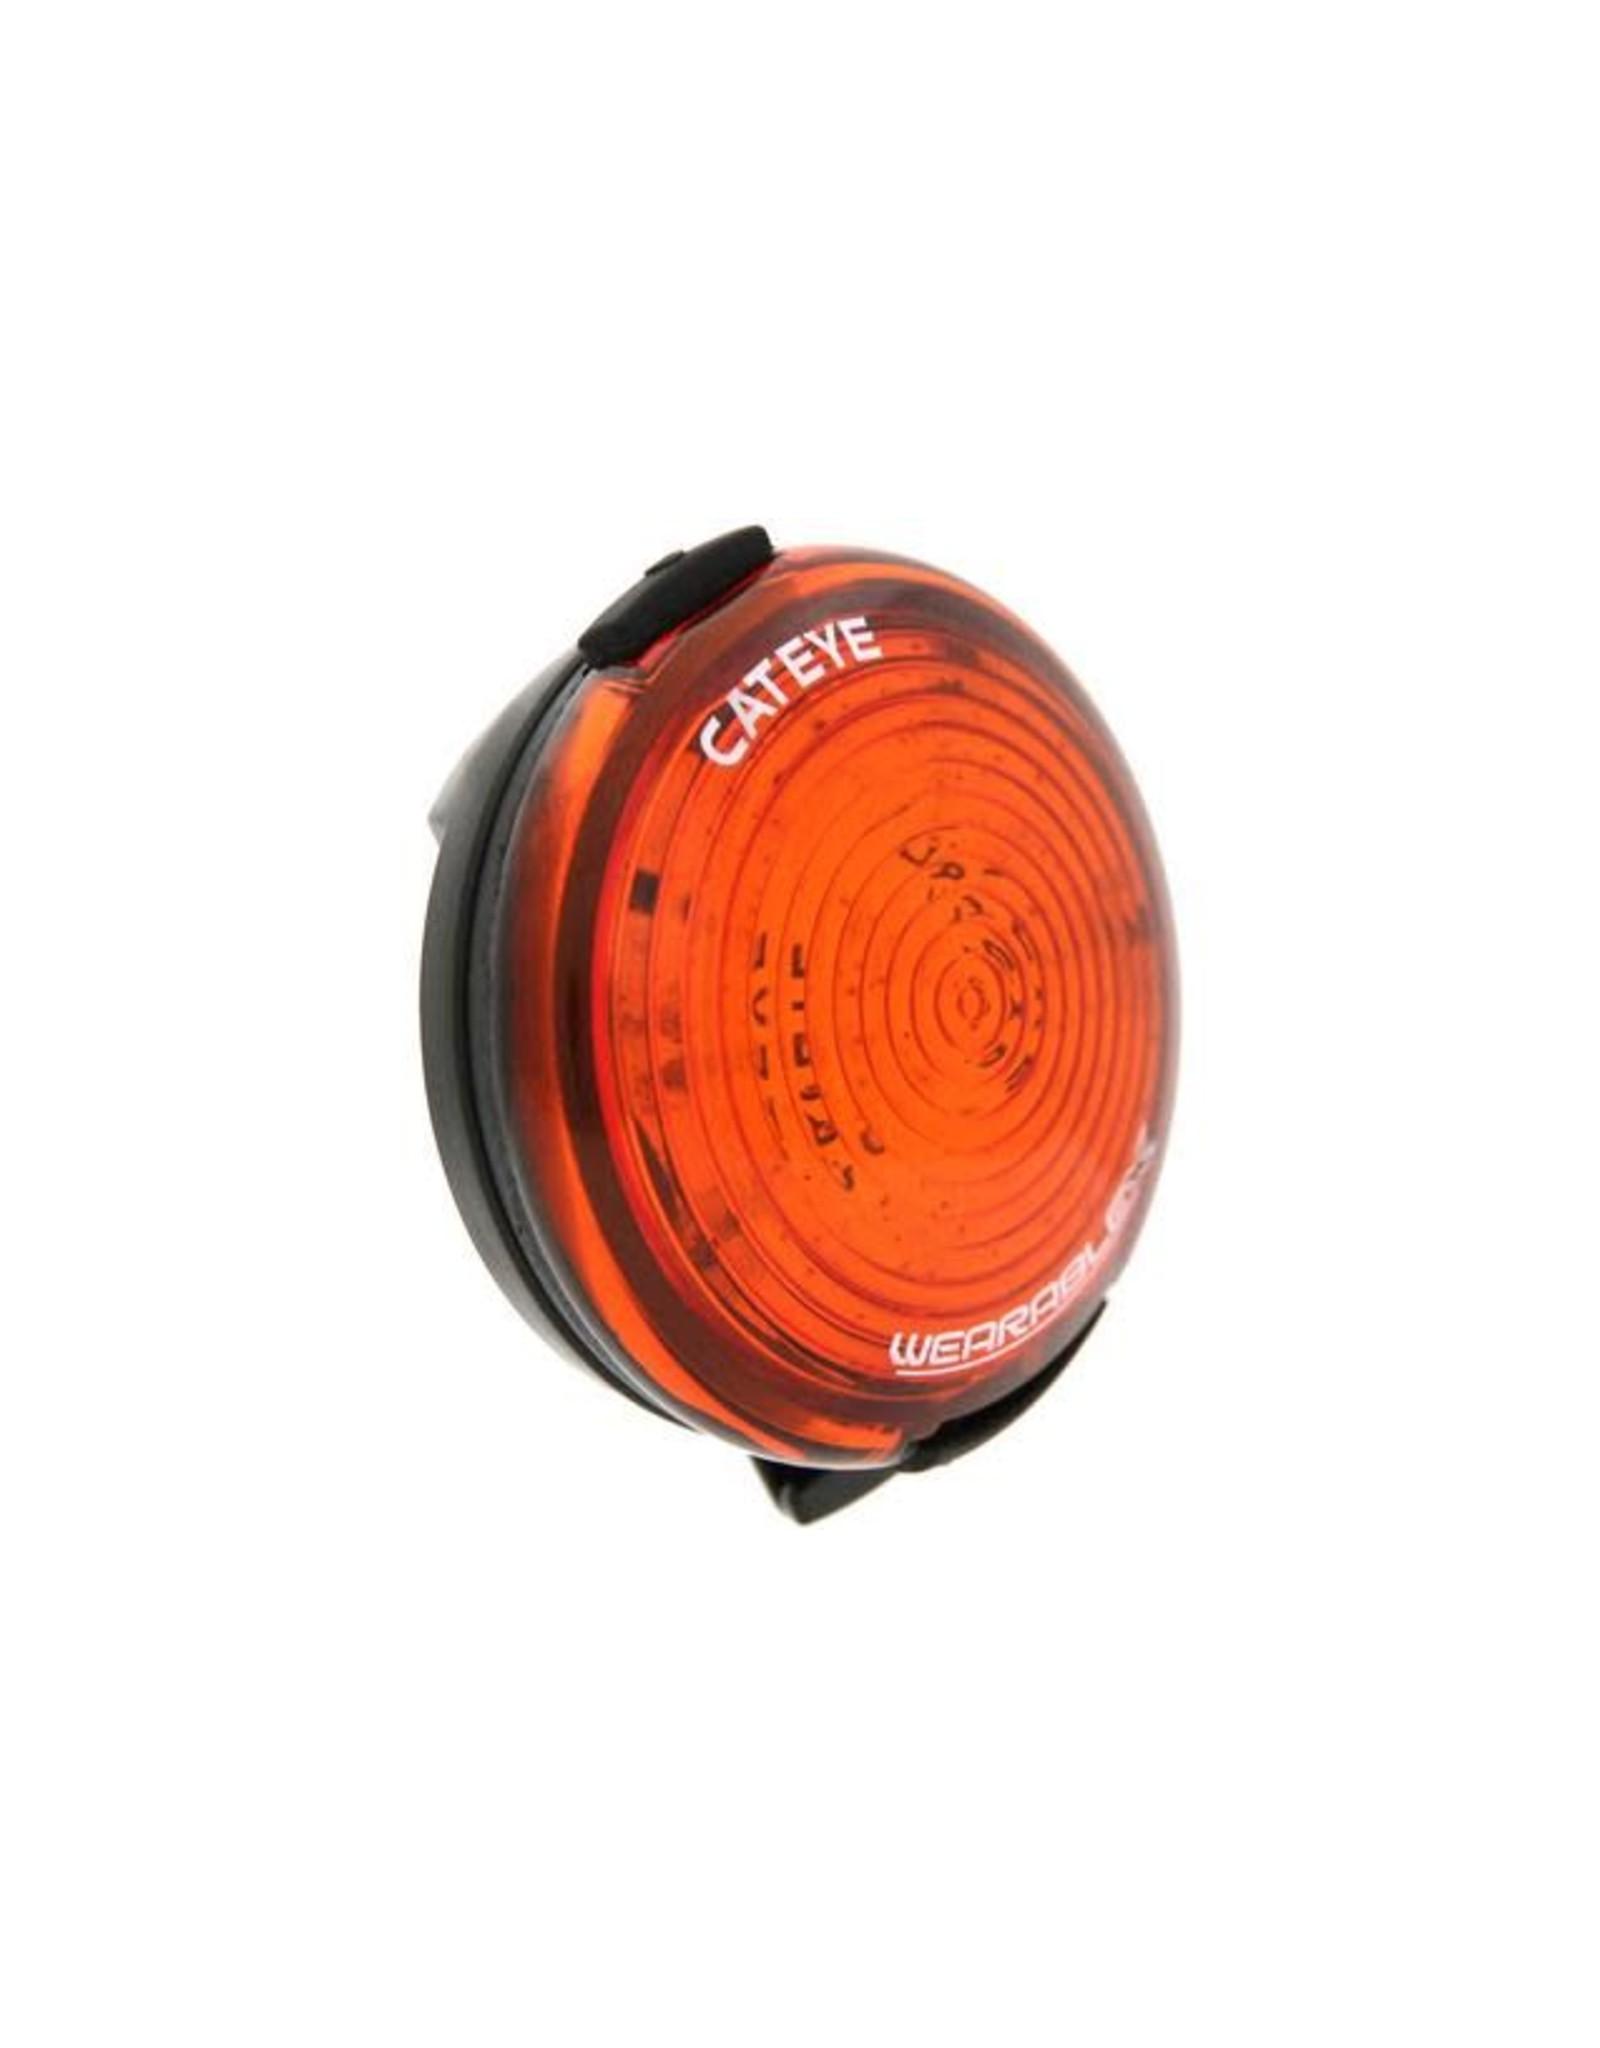 Cateye WEARABLE X REAR USB RECHARGEABLE LIGHT: